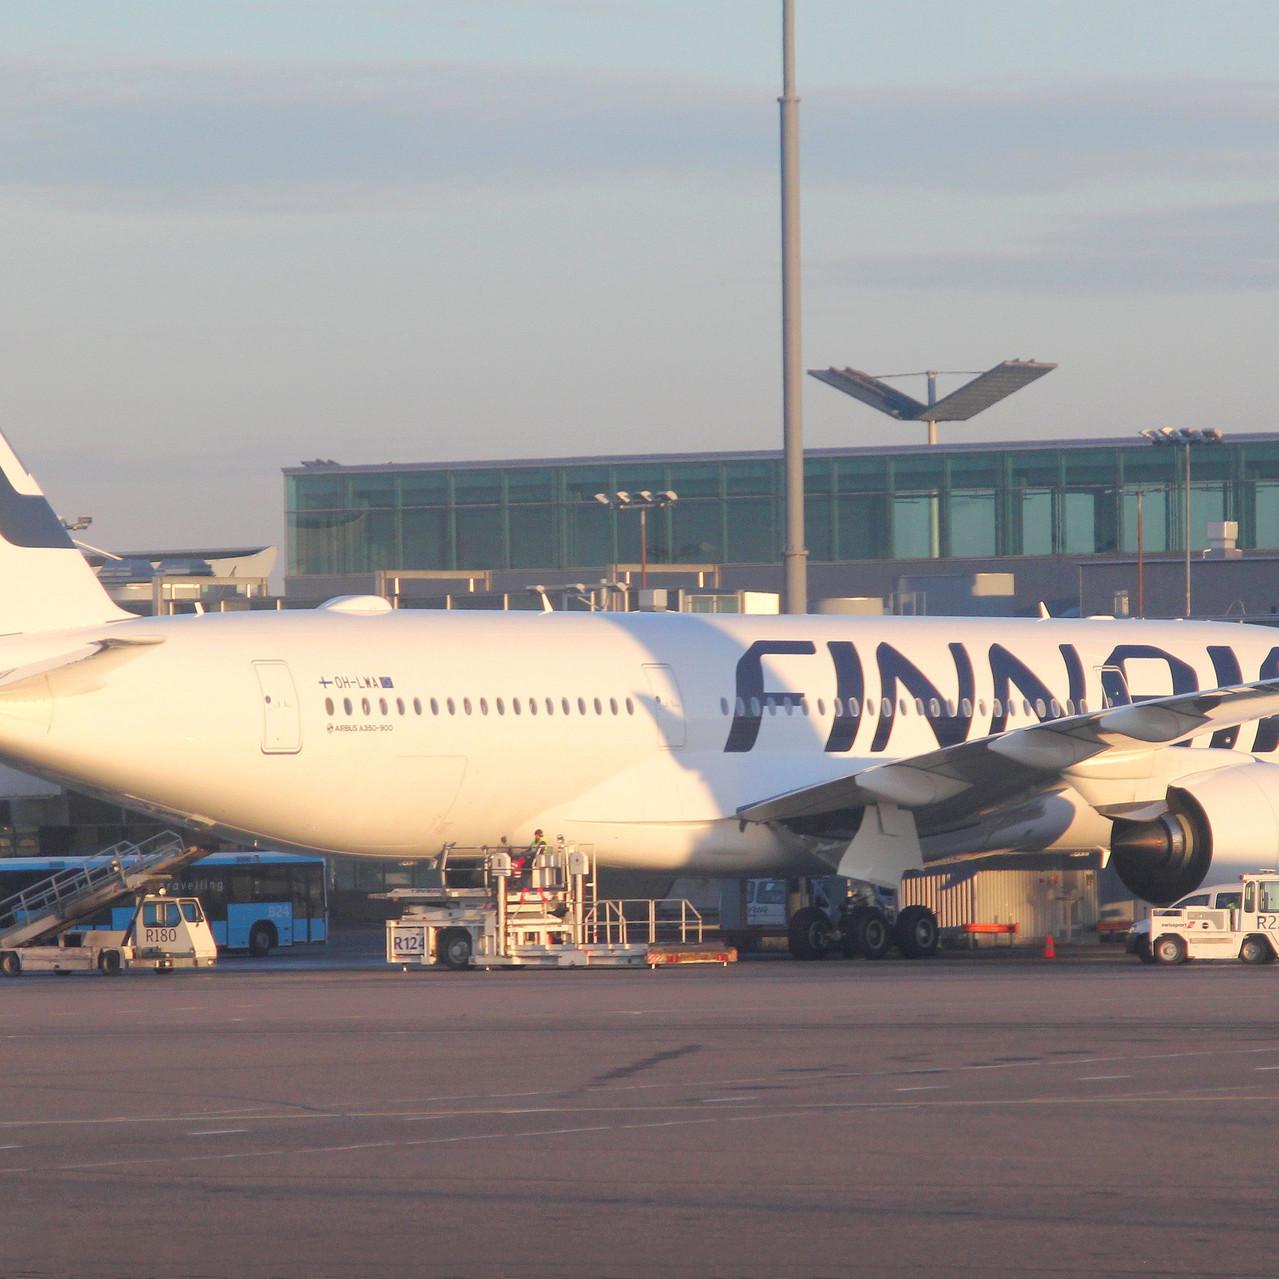 009_A350_Helsinki_Tyler McDowell